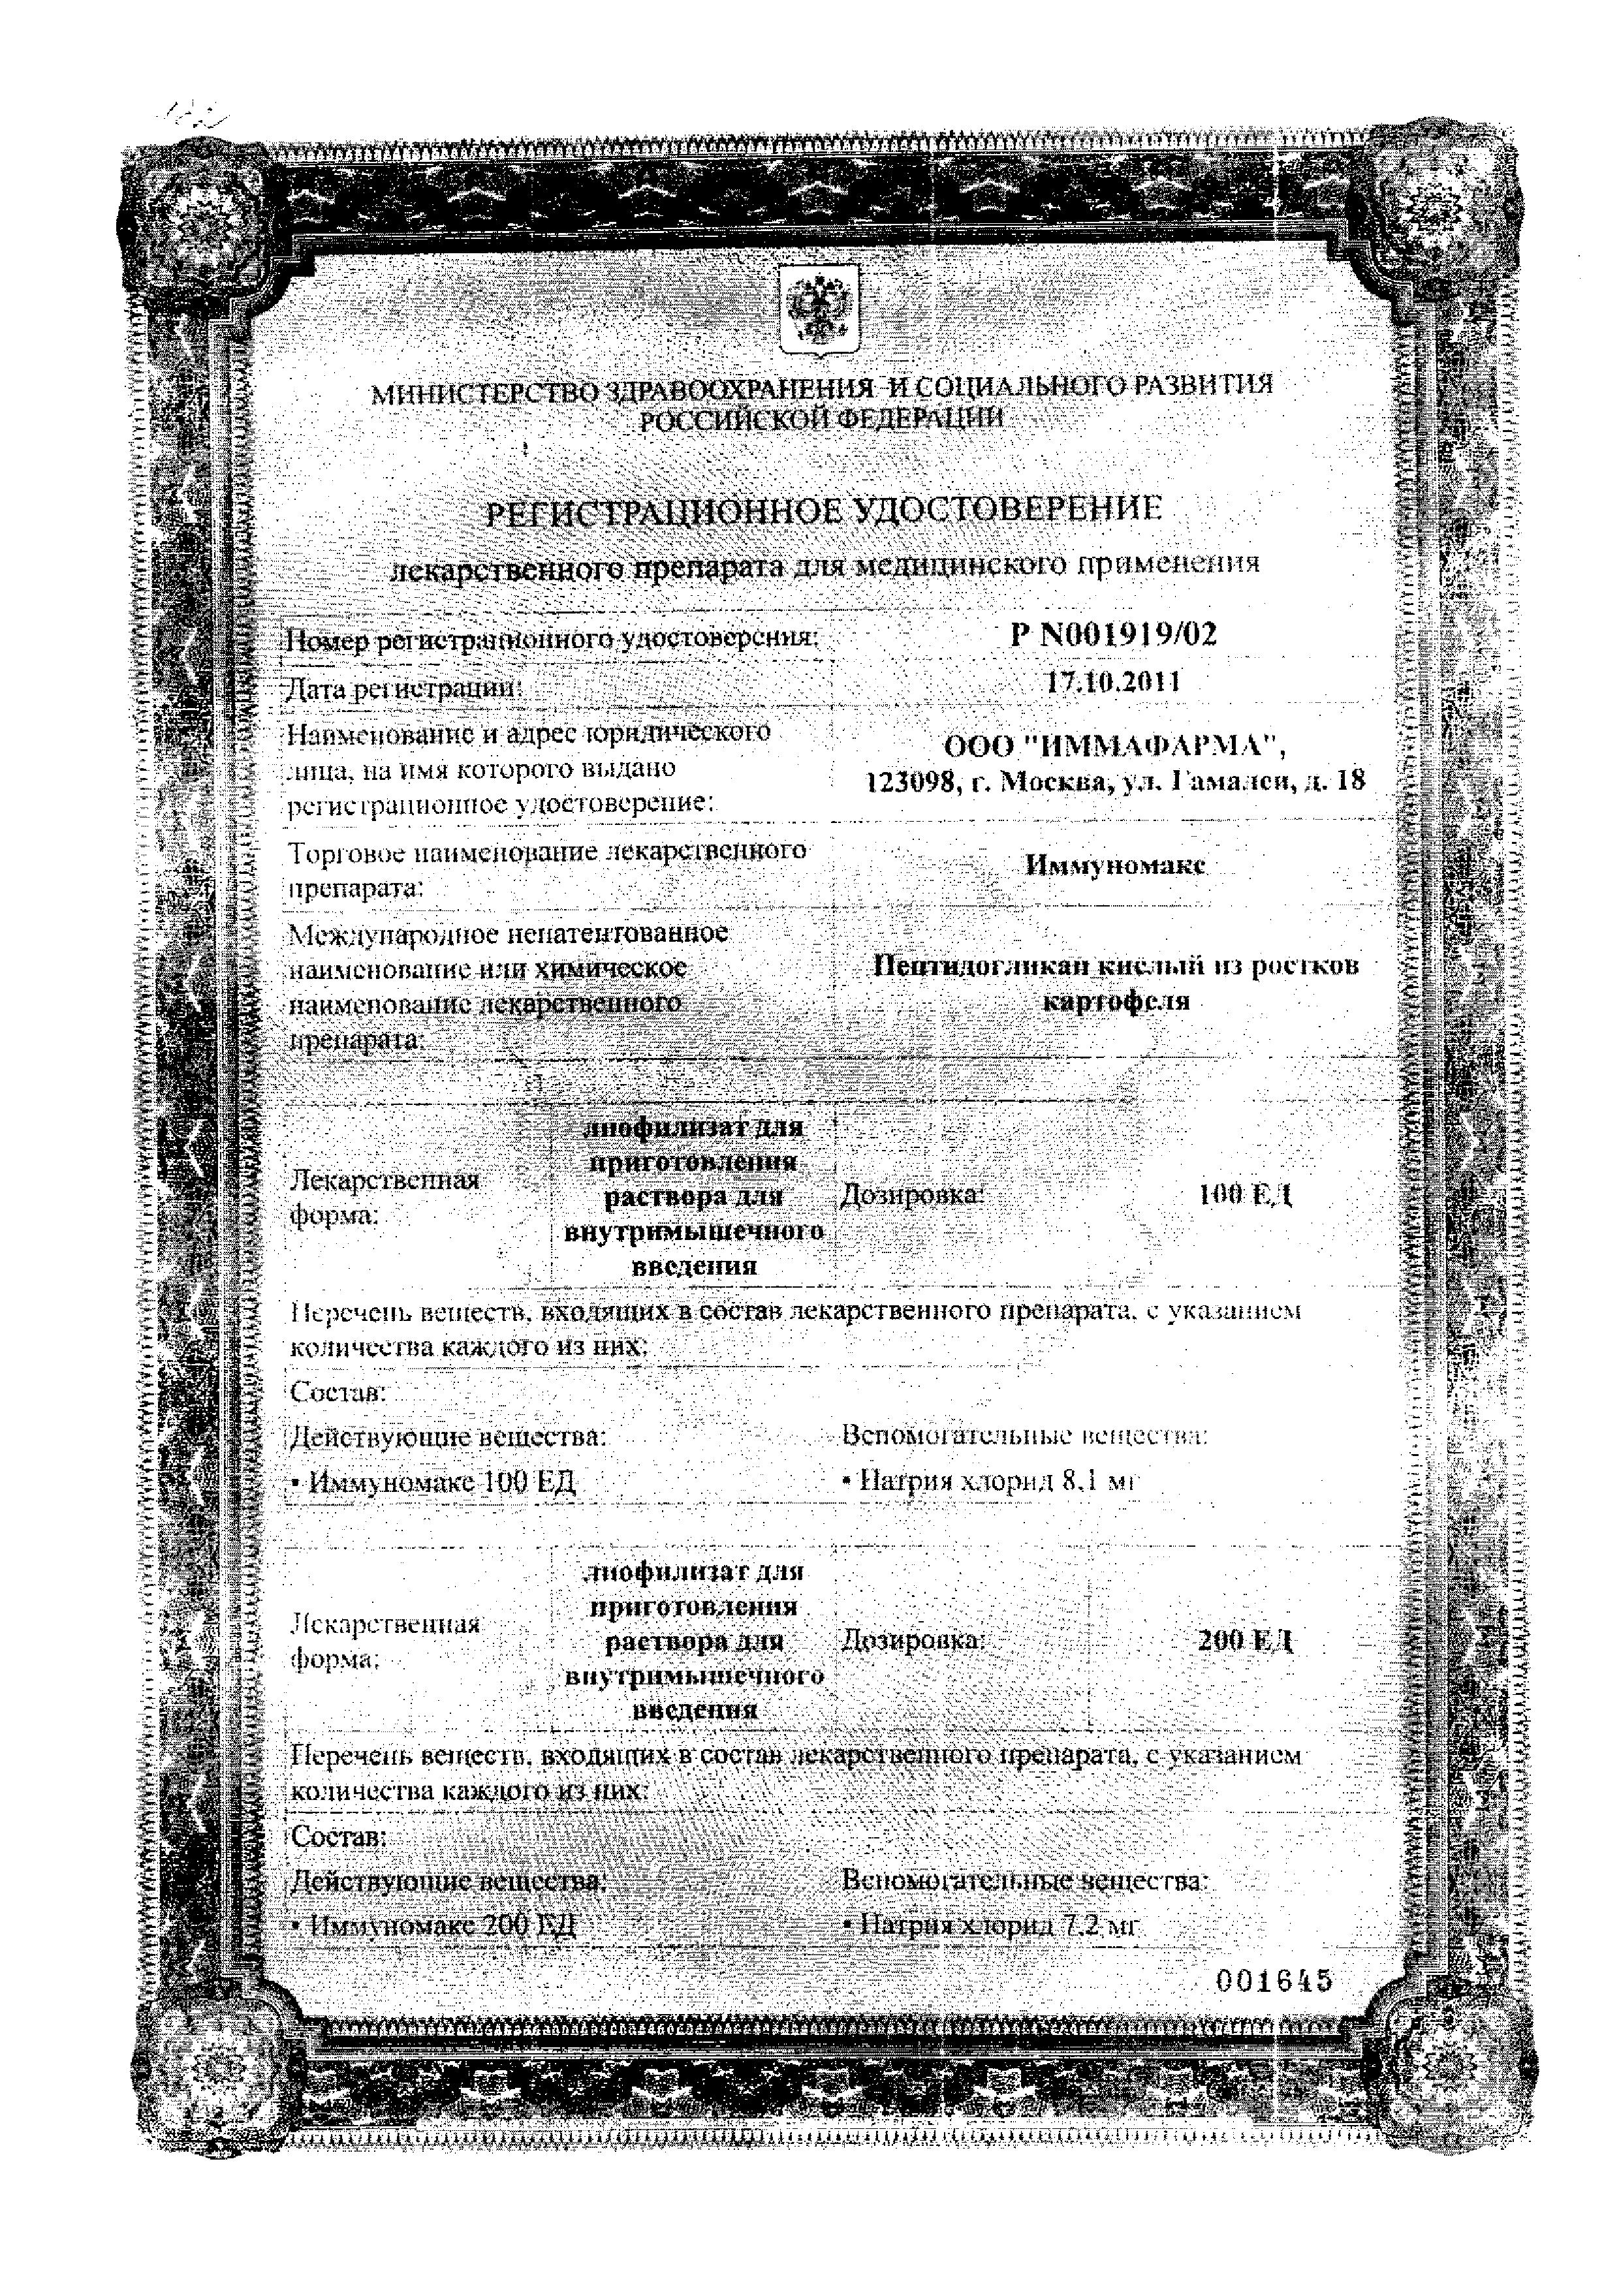 Иммуномакс сертификат